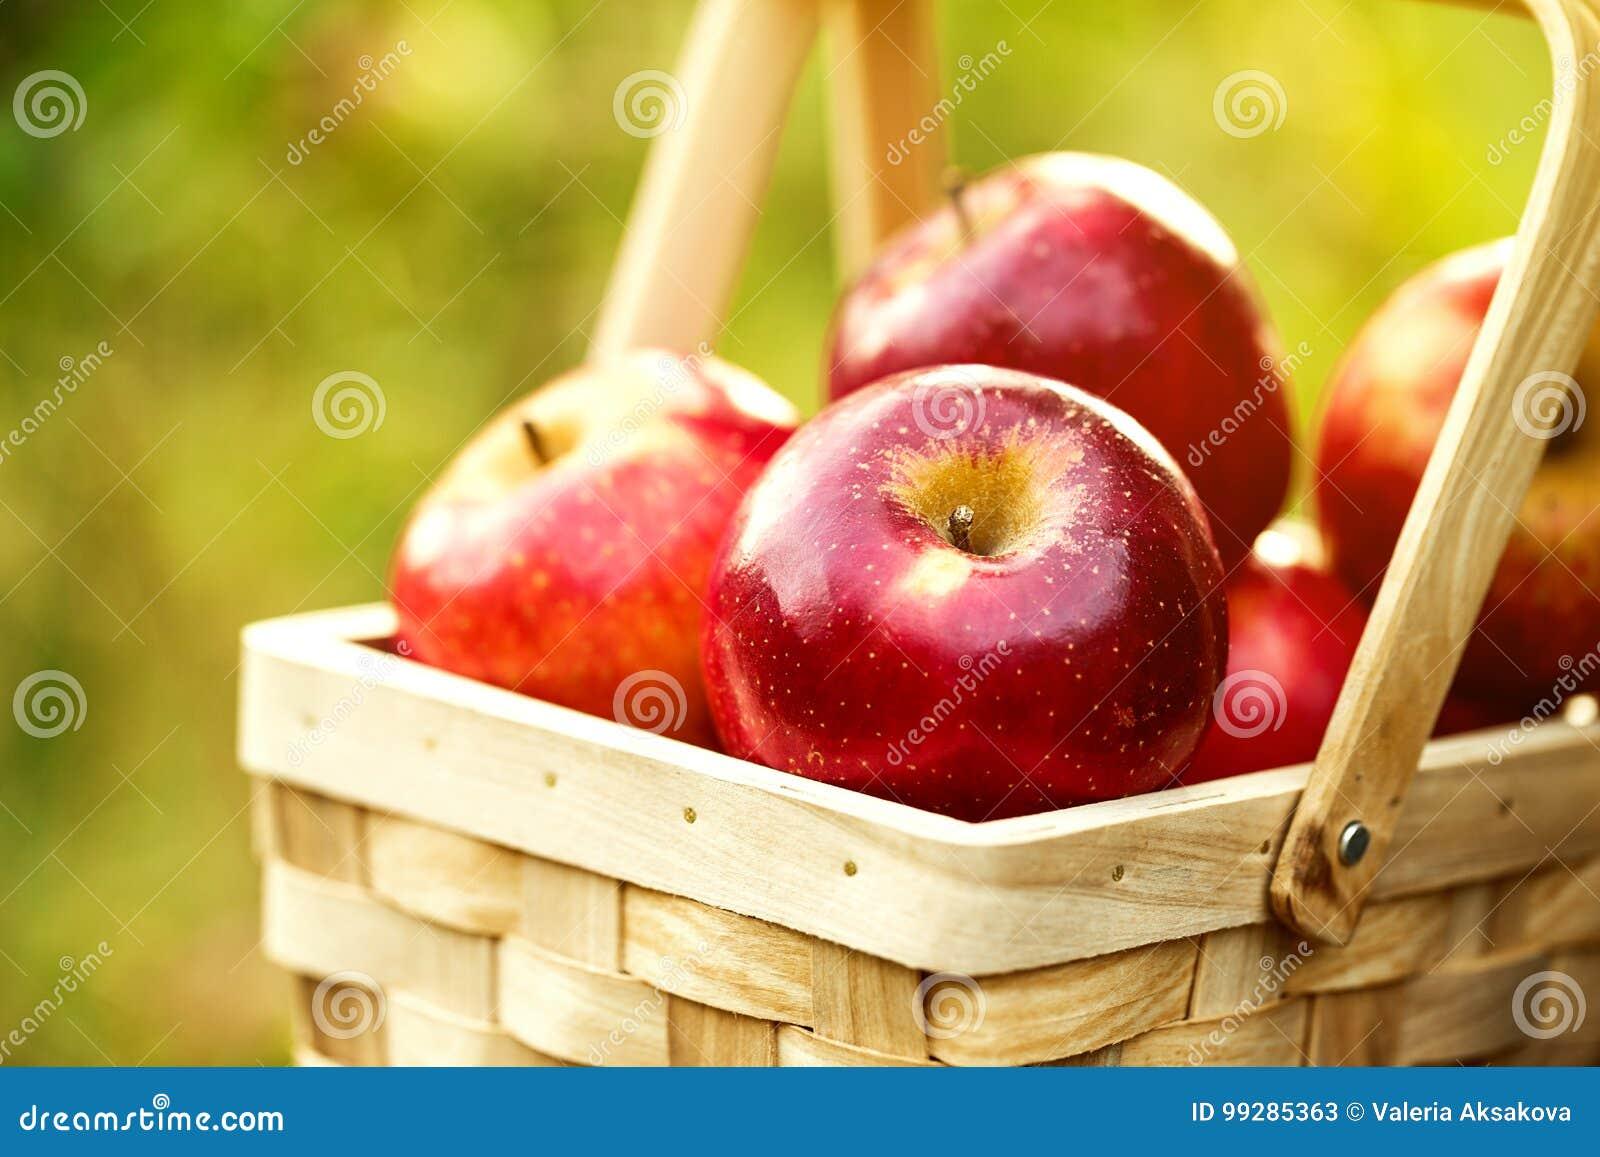 Verse Smakelijke Rode Appelen in Houten Mand op Groen Gras